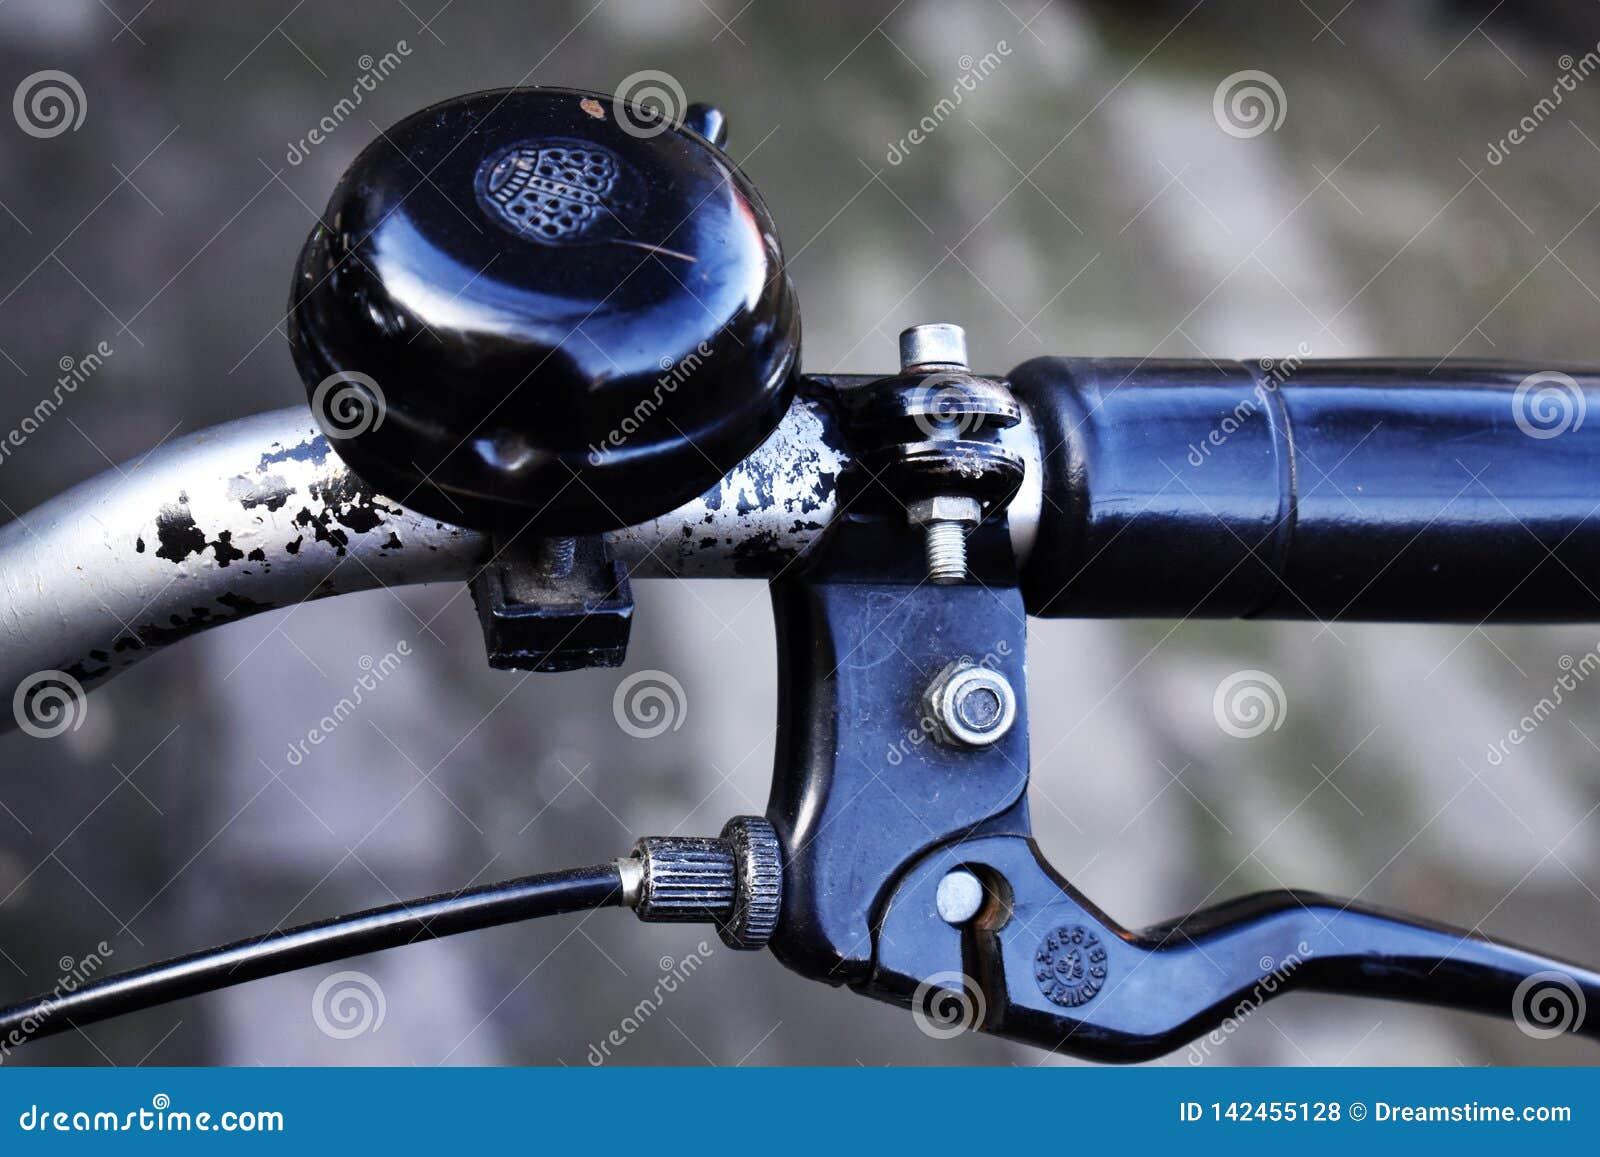 Rowerowa rękojeść, dzwon i hamulec,